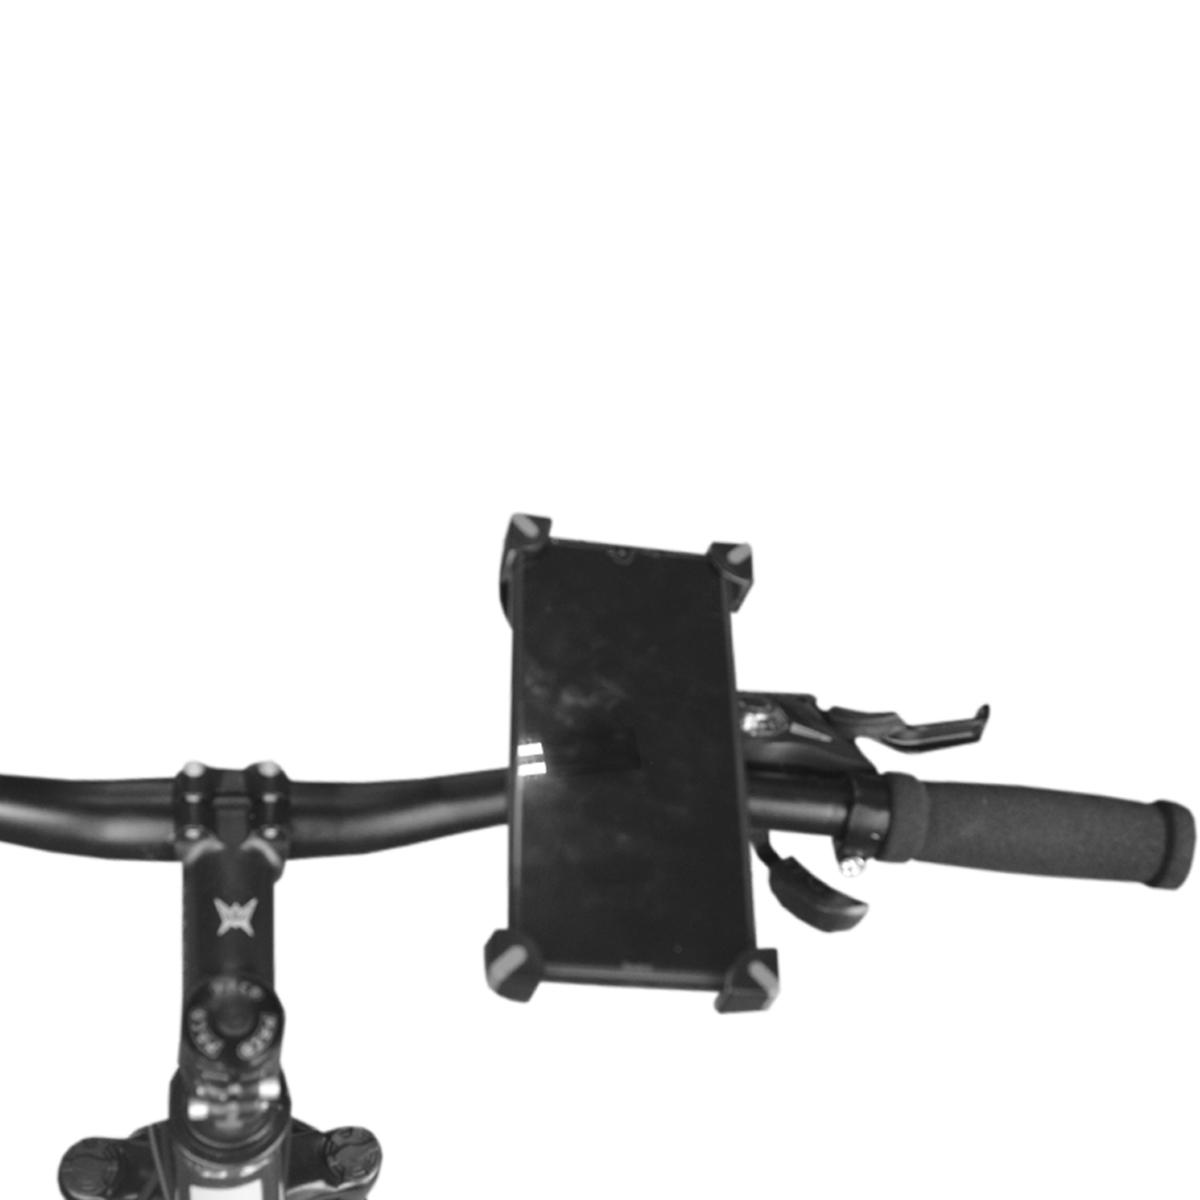 Suporte Celular Universal Bike Moto Regulável BG-P02 Preto